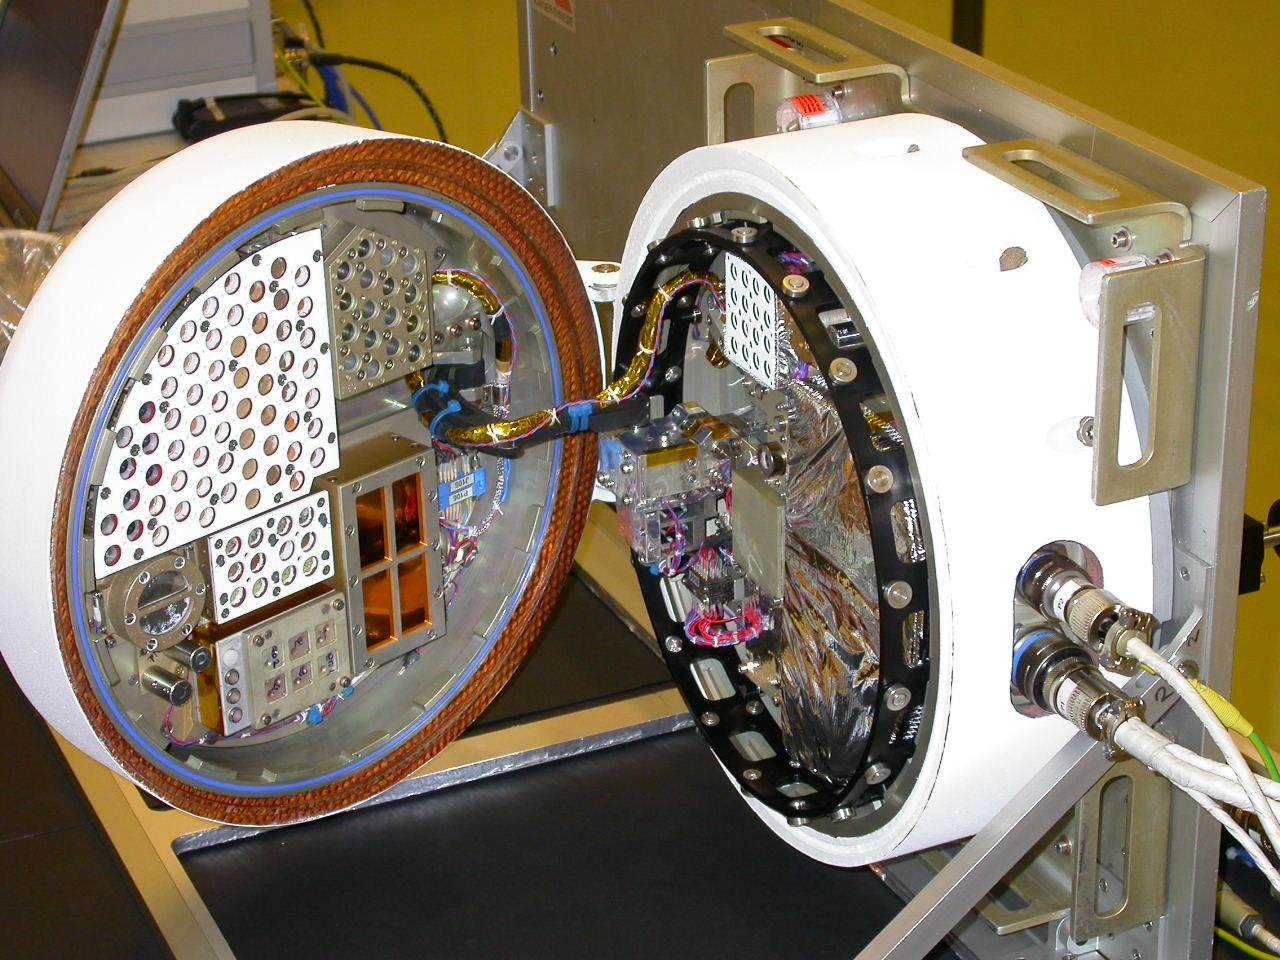 foton m3 uzay aracı biopan deney düzeneği su ayıları tardigradlar